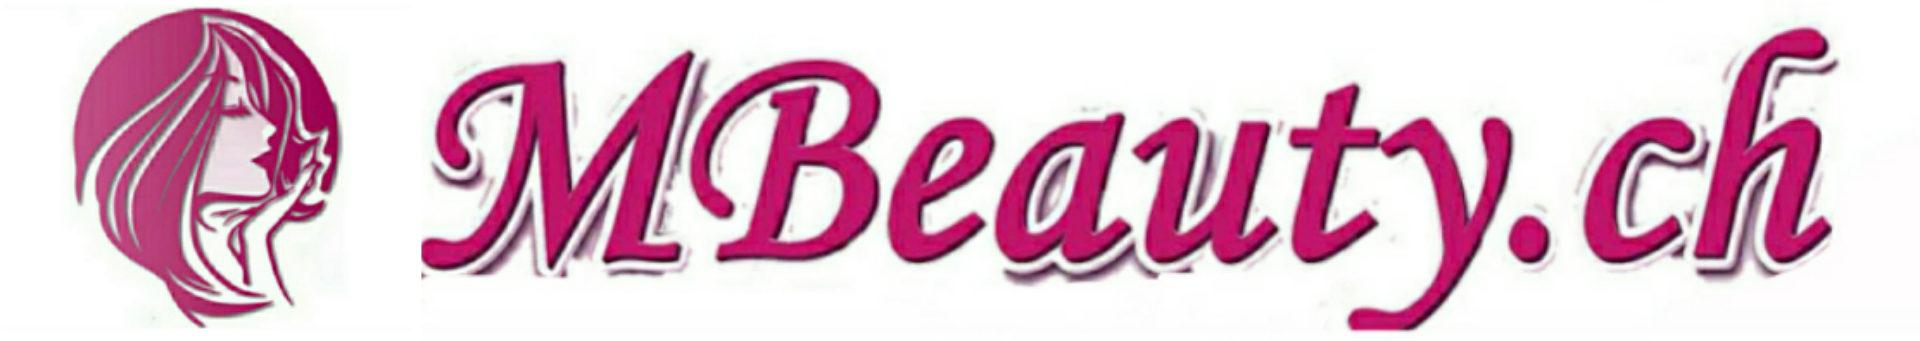 MBeauty, Institut de Beauté, Manucure, pédicure, onglerie, extensions de cils à Pully